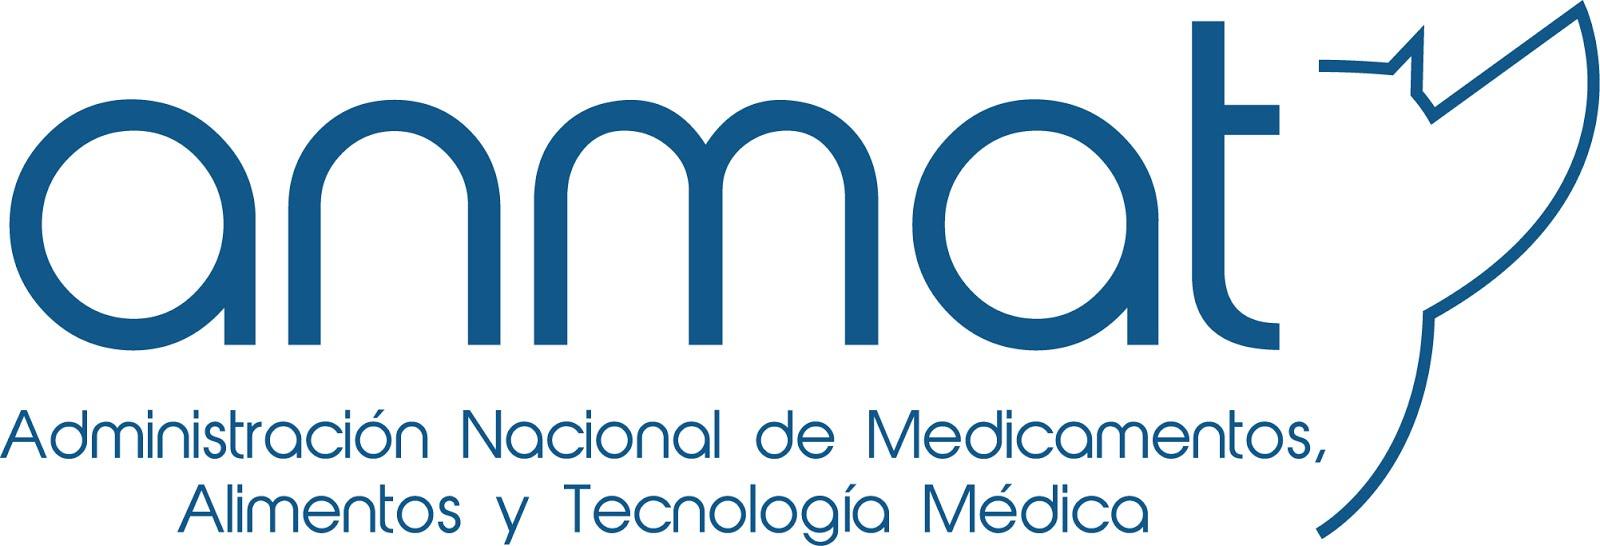 Administración  Nacional de Medicamentos, Alimentos y  Tecnología  Médica